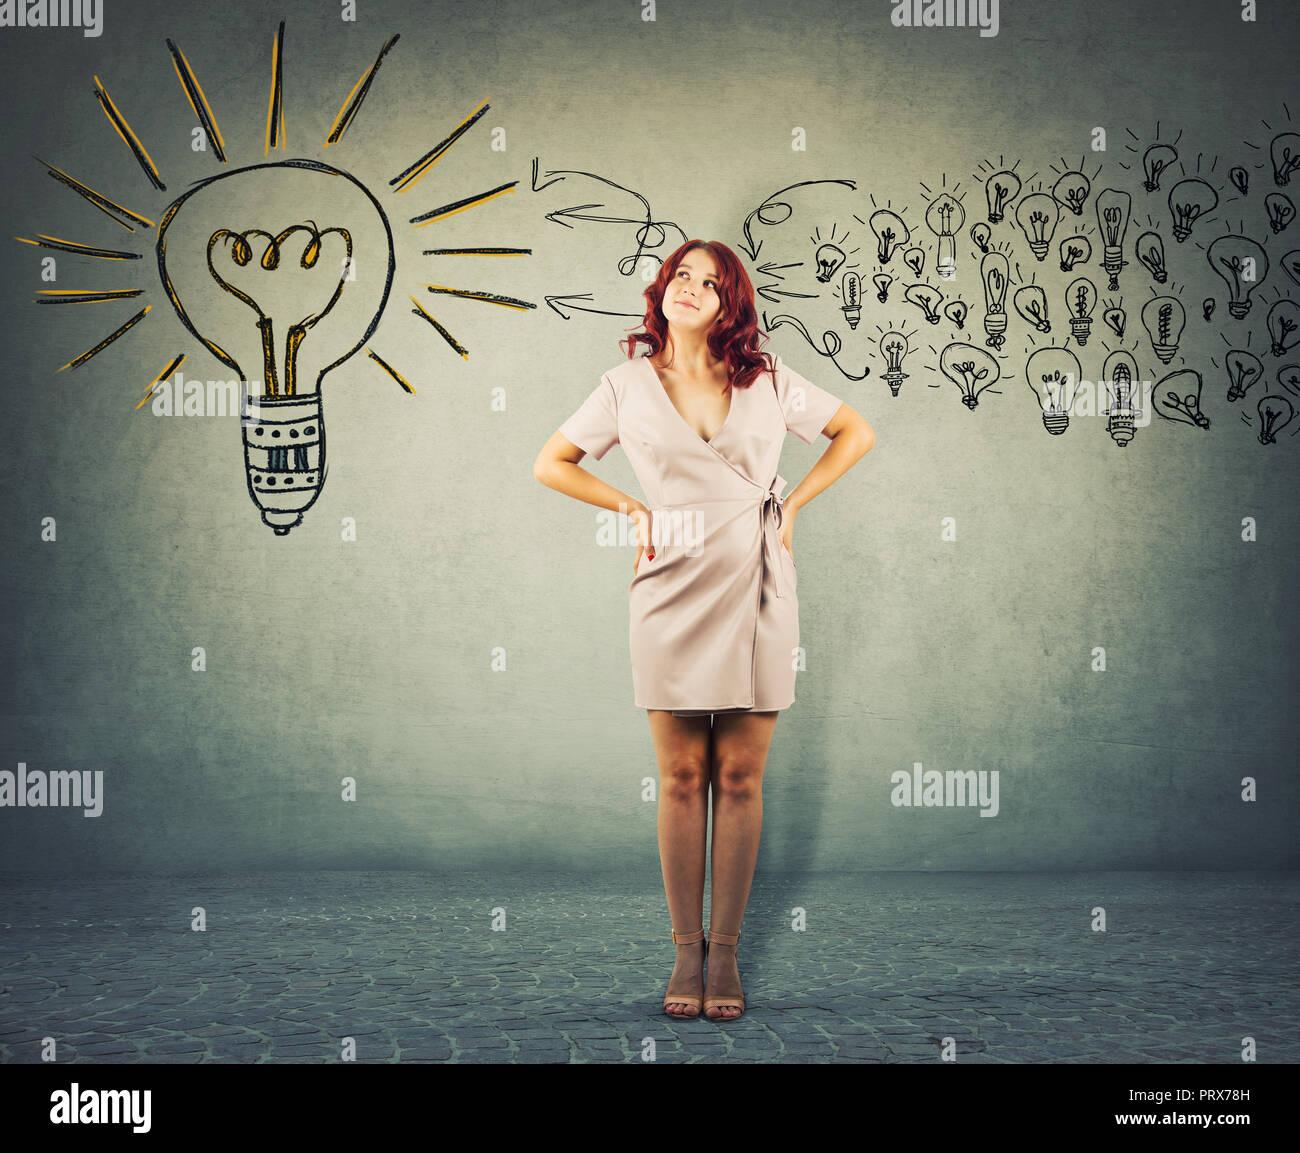 A piena lunghezza Ritratto di un rosso giovane donna in piedi con le mani sui fianchi cercando di pensare positivo. Il concetto di Business pensieroso ragazza raccogliere le idee Immagini Stock